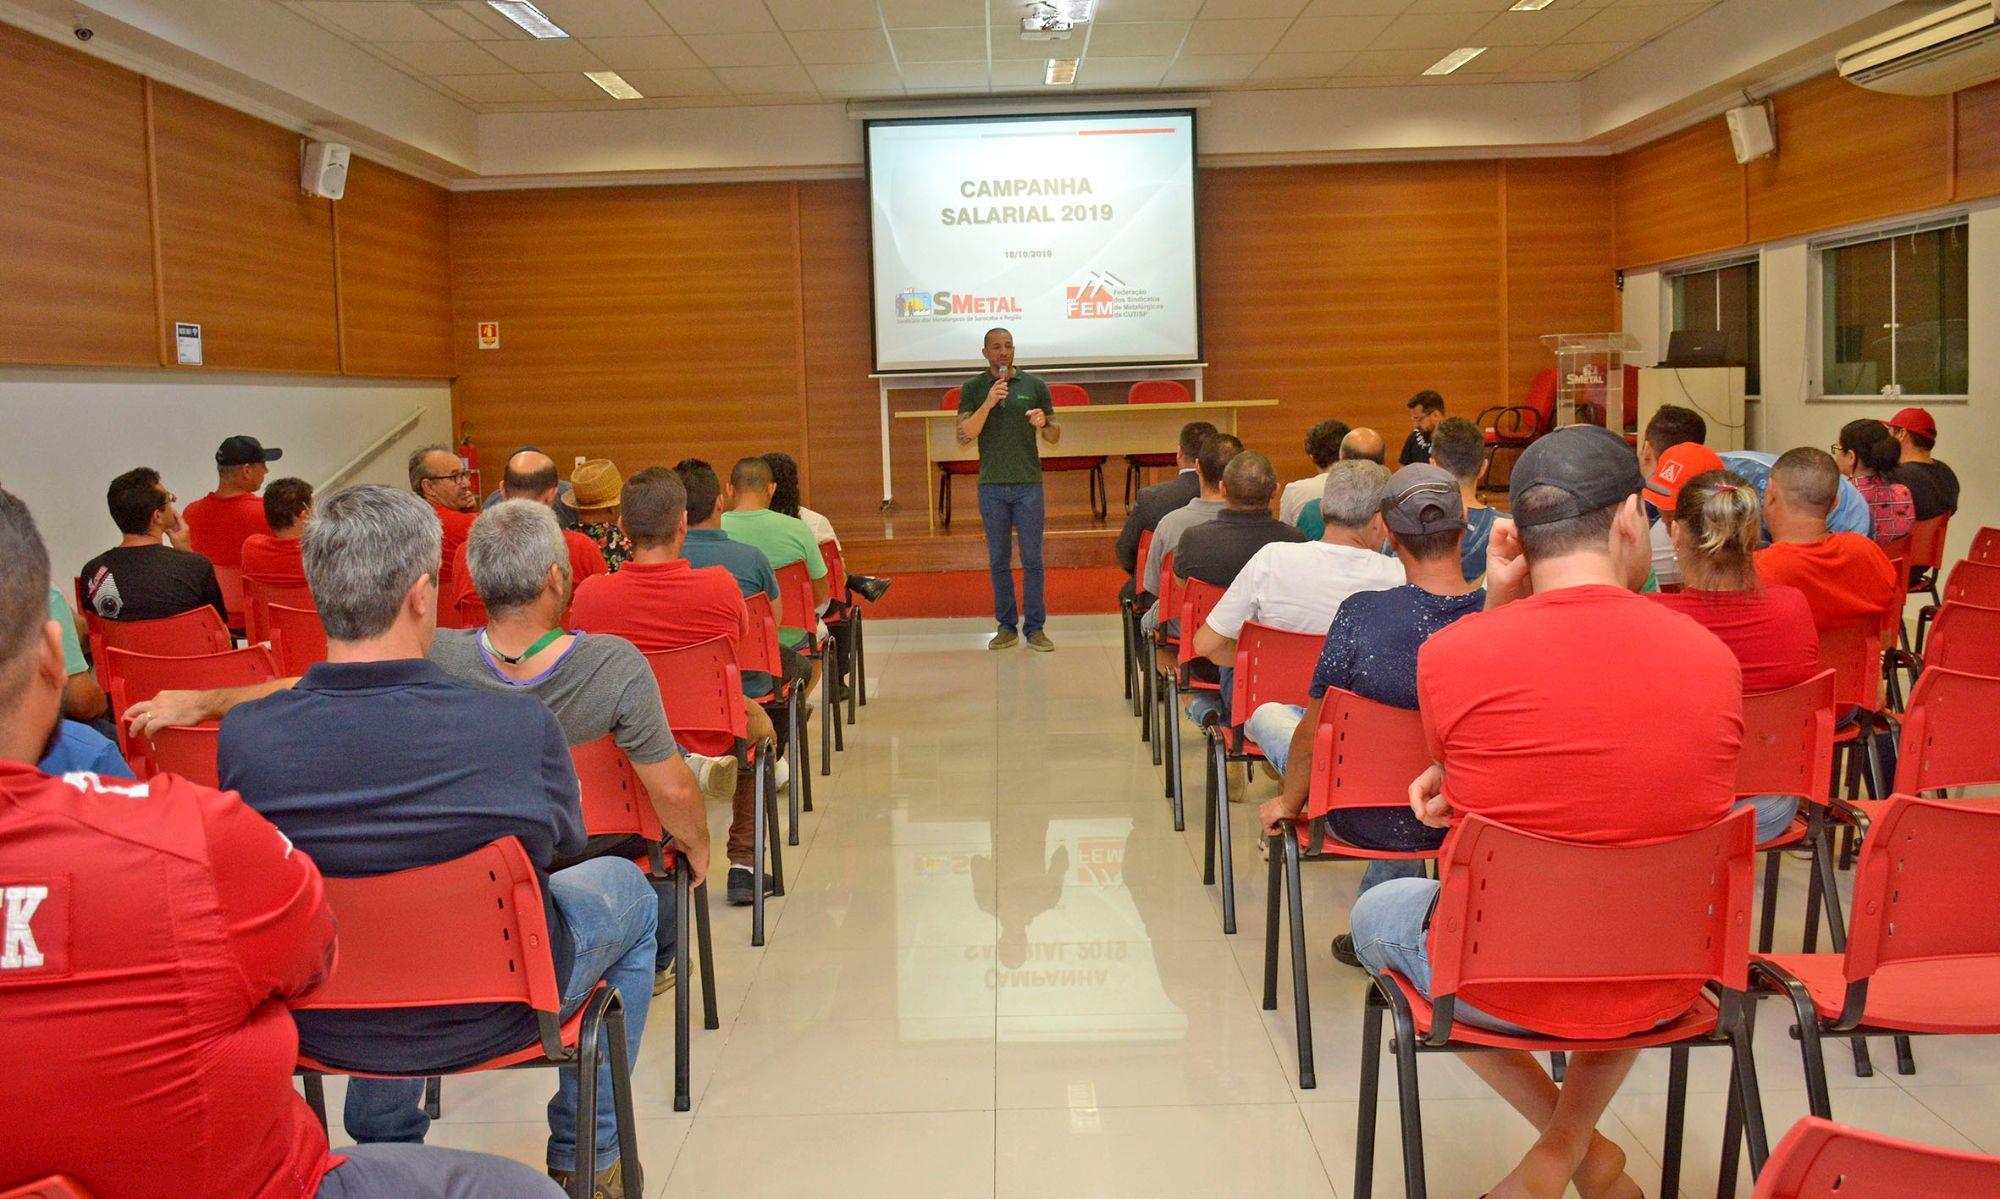 assembleia, campanha, salarial, sorocaba, reajuste, , Foguinho/Imprensa SMetal